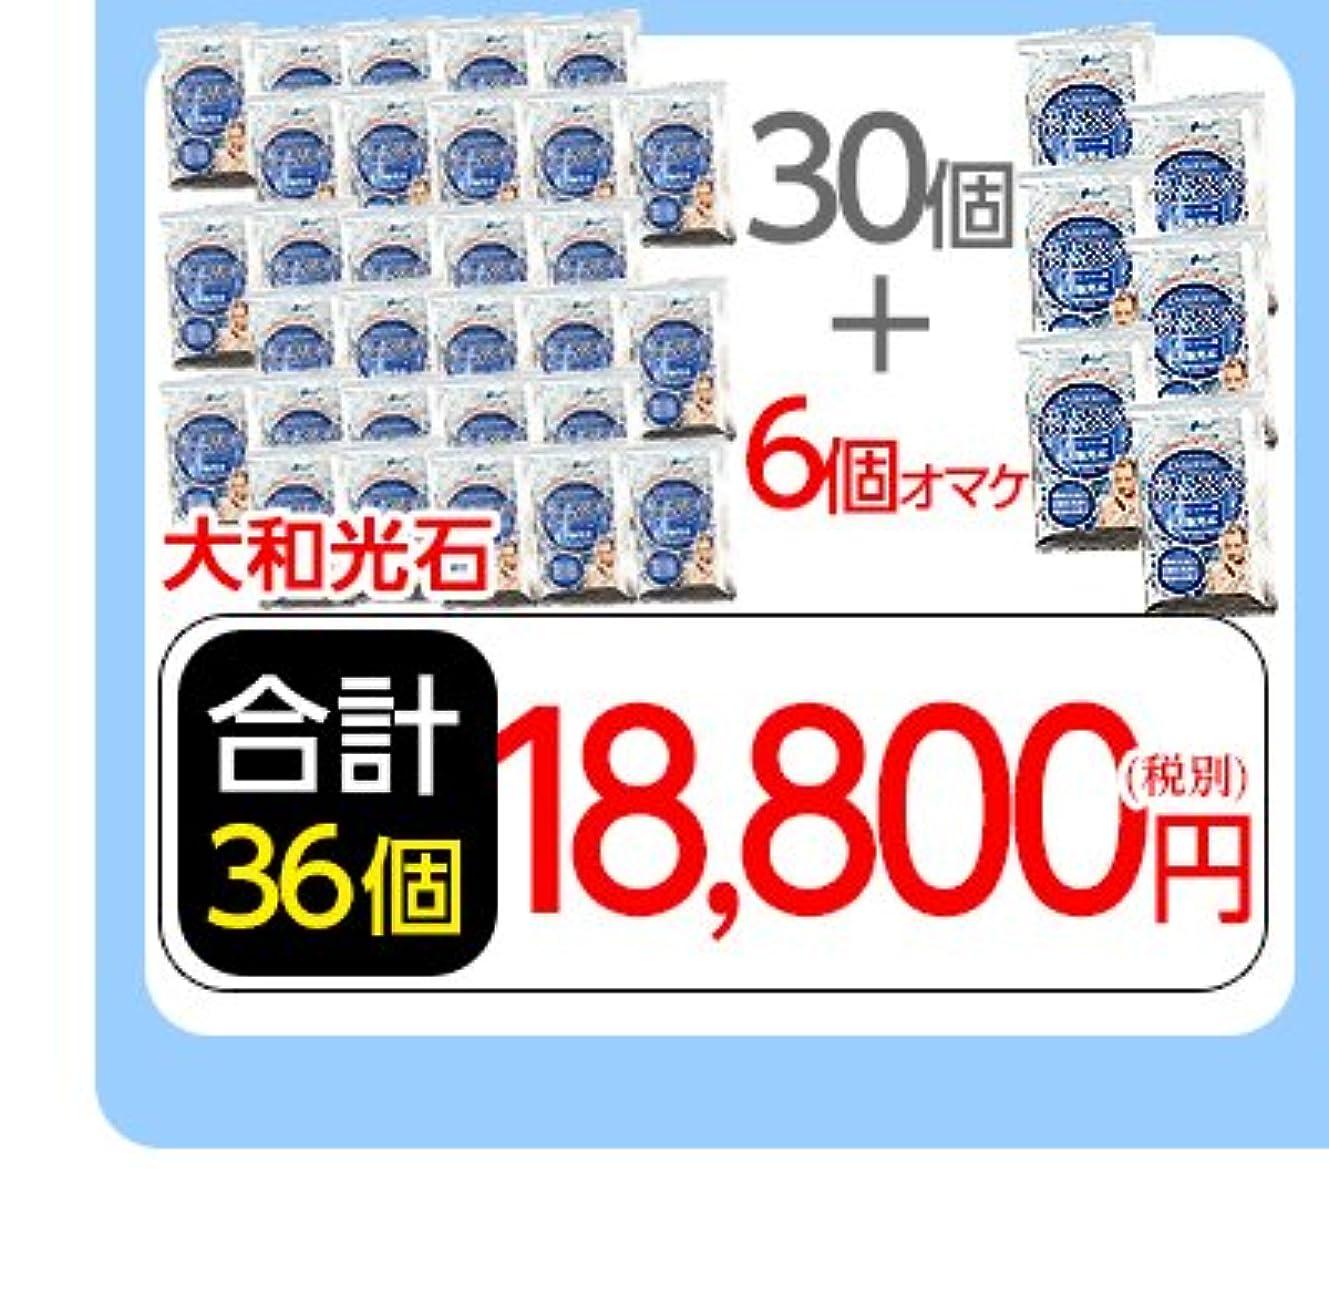 抽象クスコ協同デトキシャン水素スパ☆大和光石30個+6個オマケ